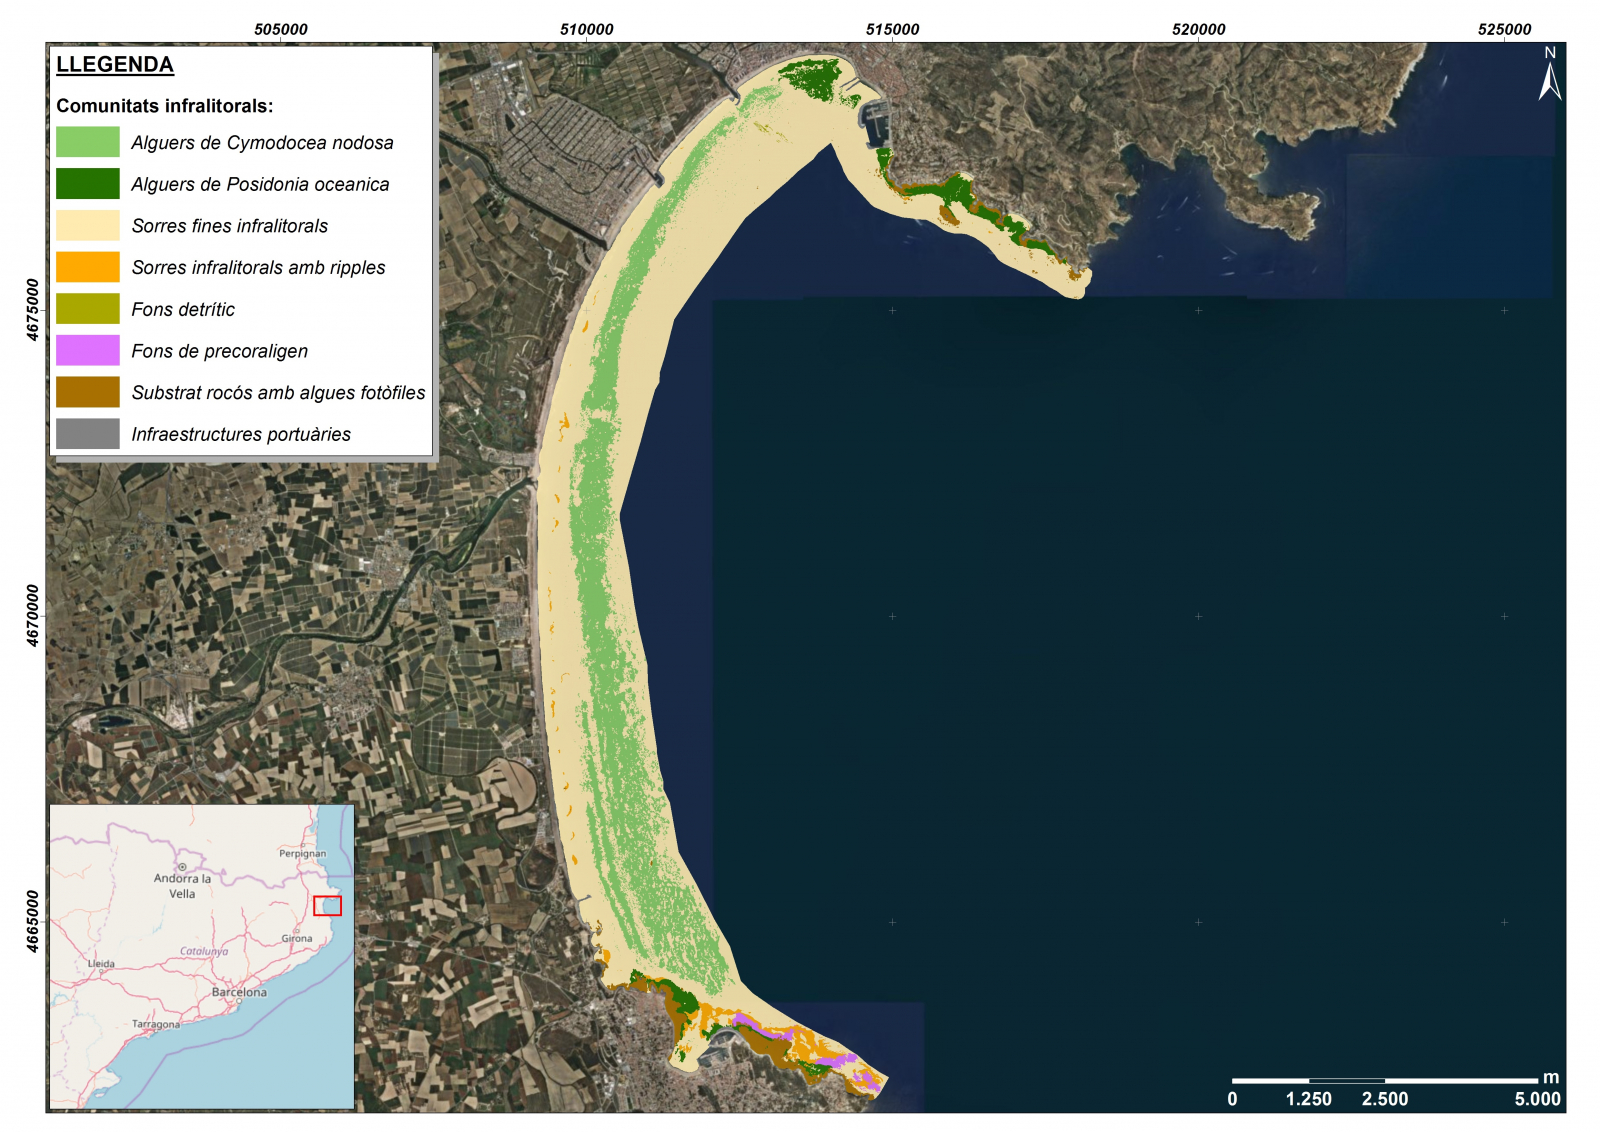 Distribució de les diferents algues i altres elements del fons marí a la badia de Roses